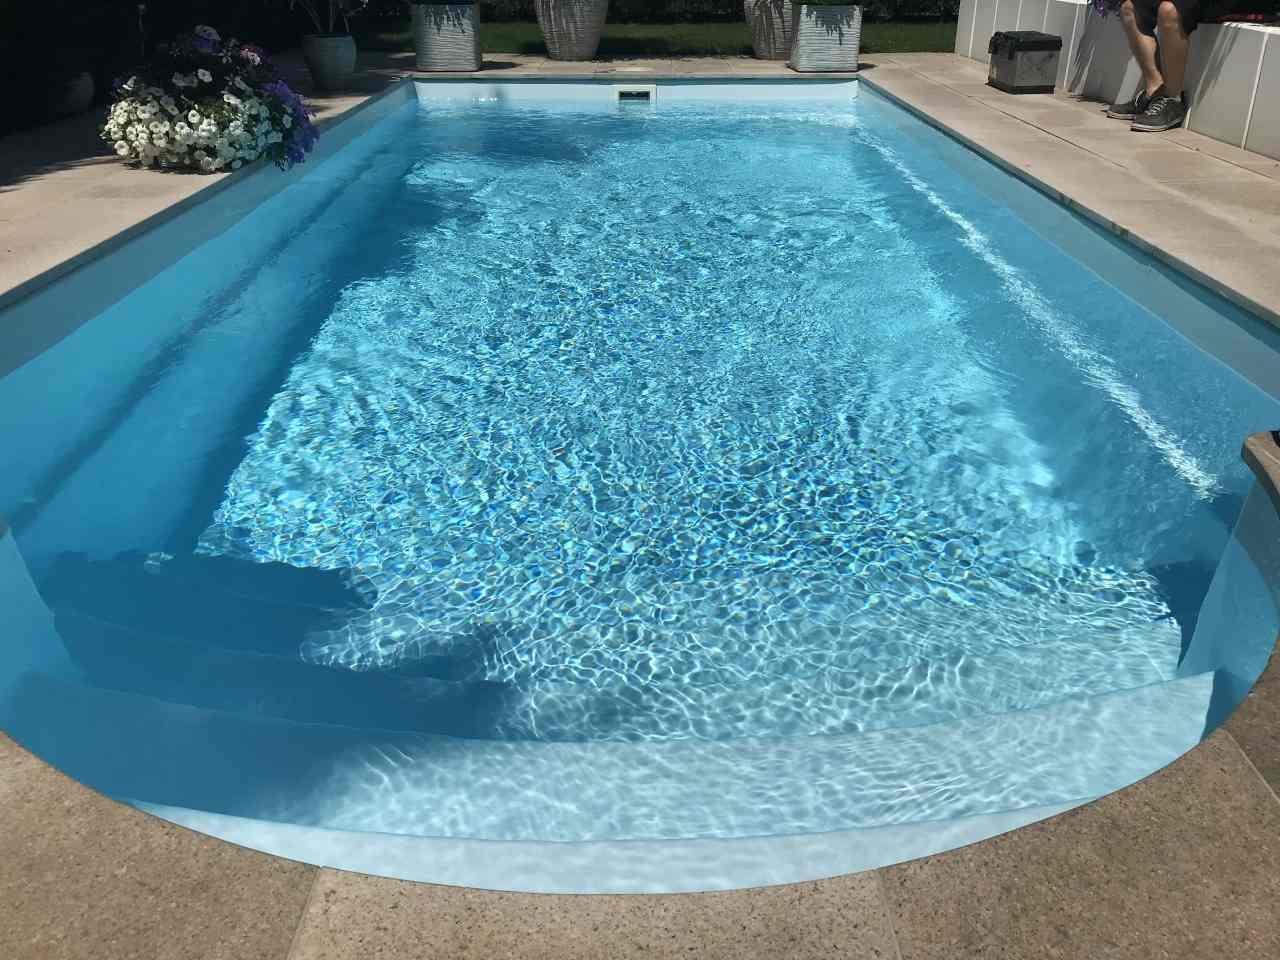 vogel pool gmbh schwimmbecken aus polypropylen gfk und ceramic schwimmbecken bersicht. Black Bedroom Furniture Sets. Home Design Ideas